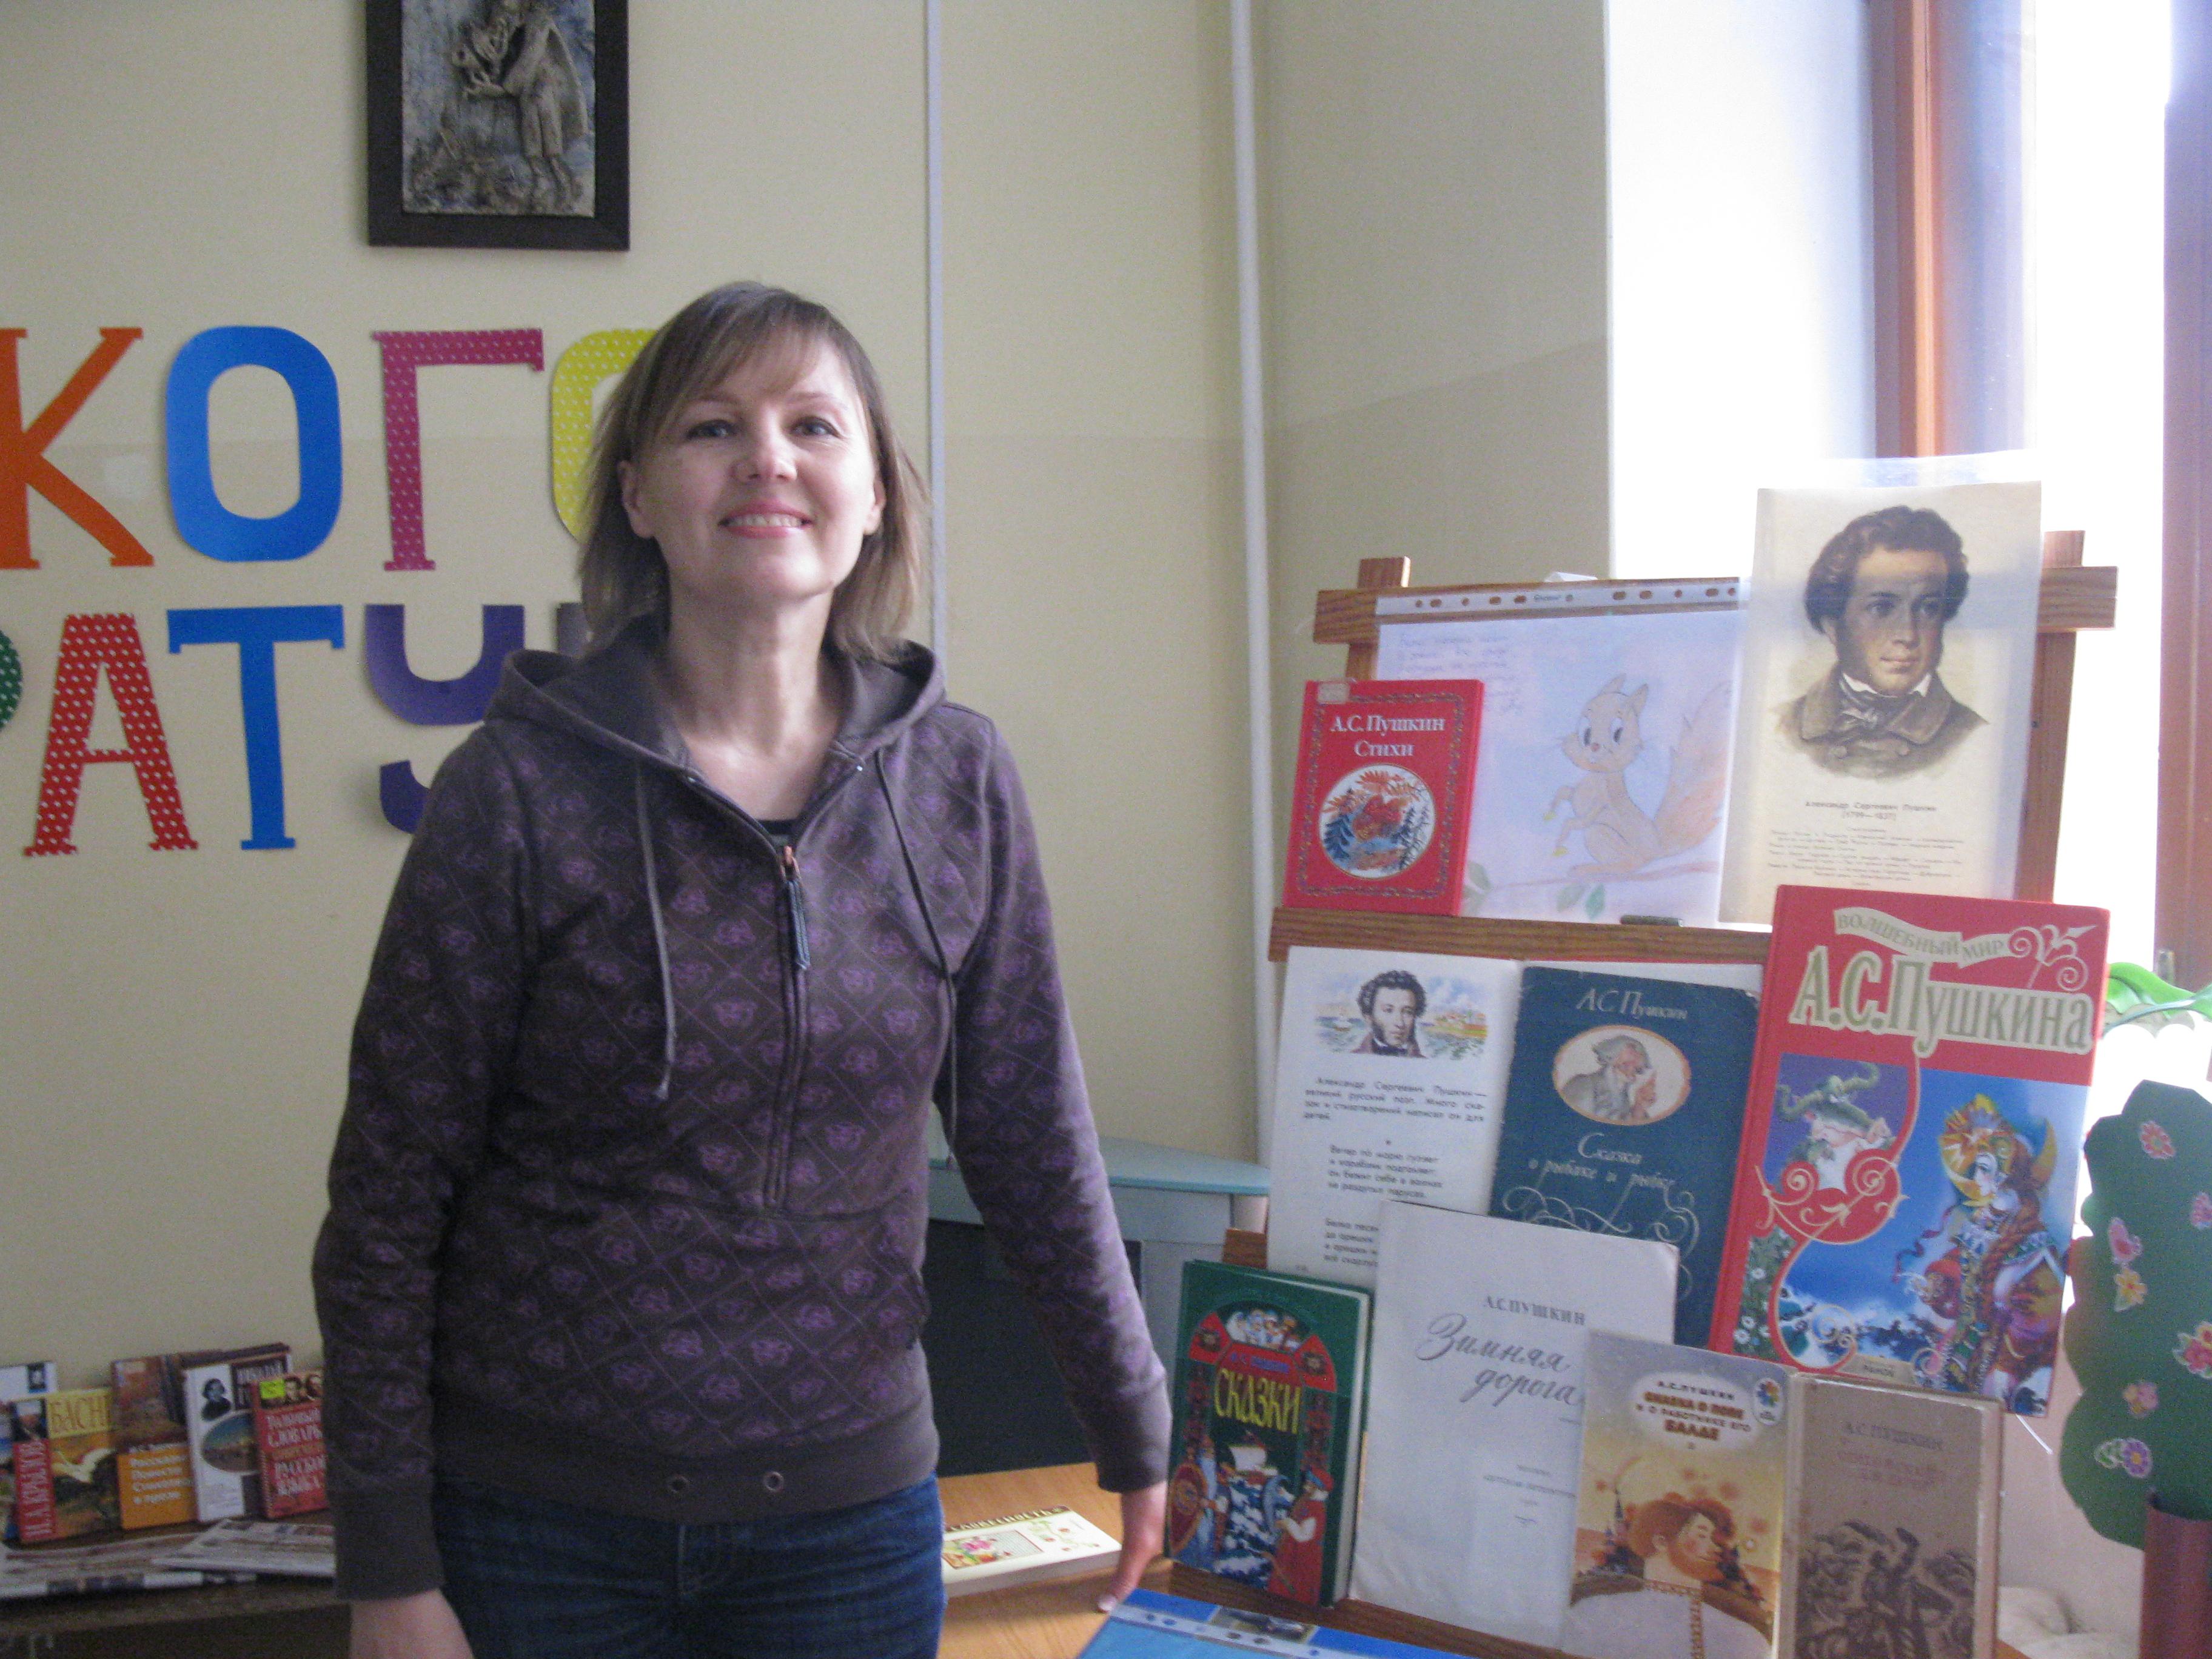 чтение путь к успеху, донецкая республиканская библиотека для детей, известные люди и чтение, отдел обслуживания учащихся 5-6 классов, пропаганда чтения